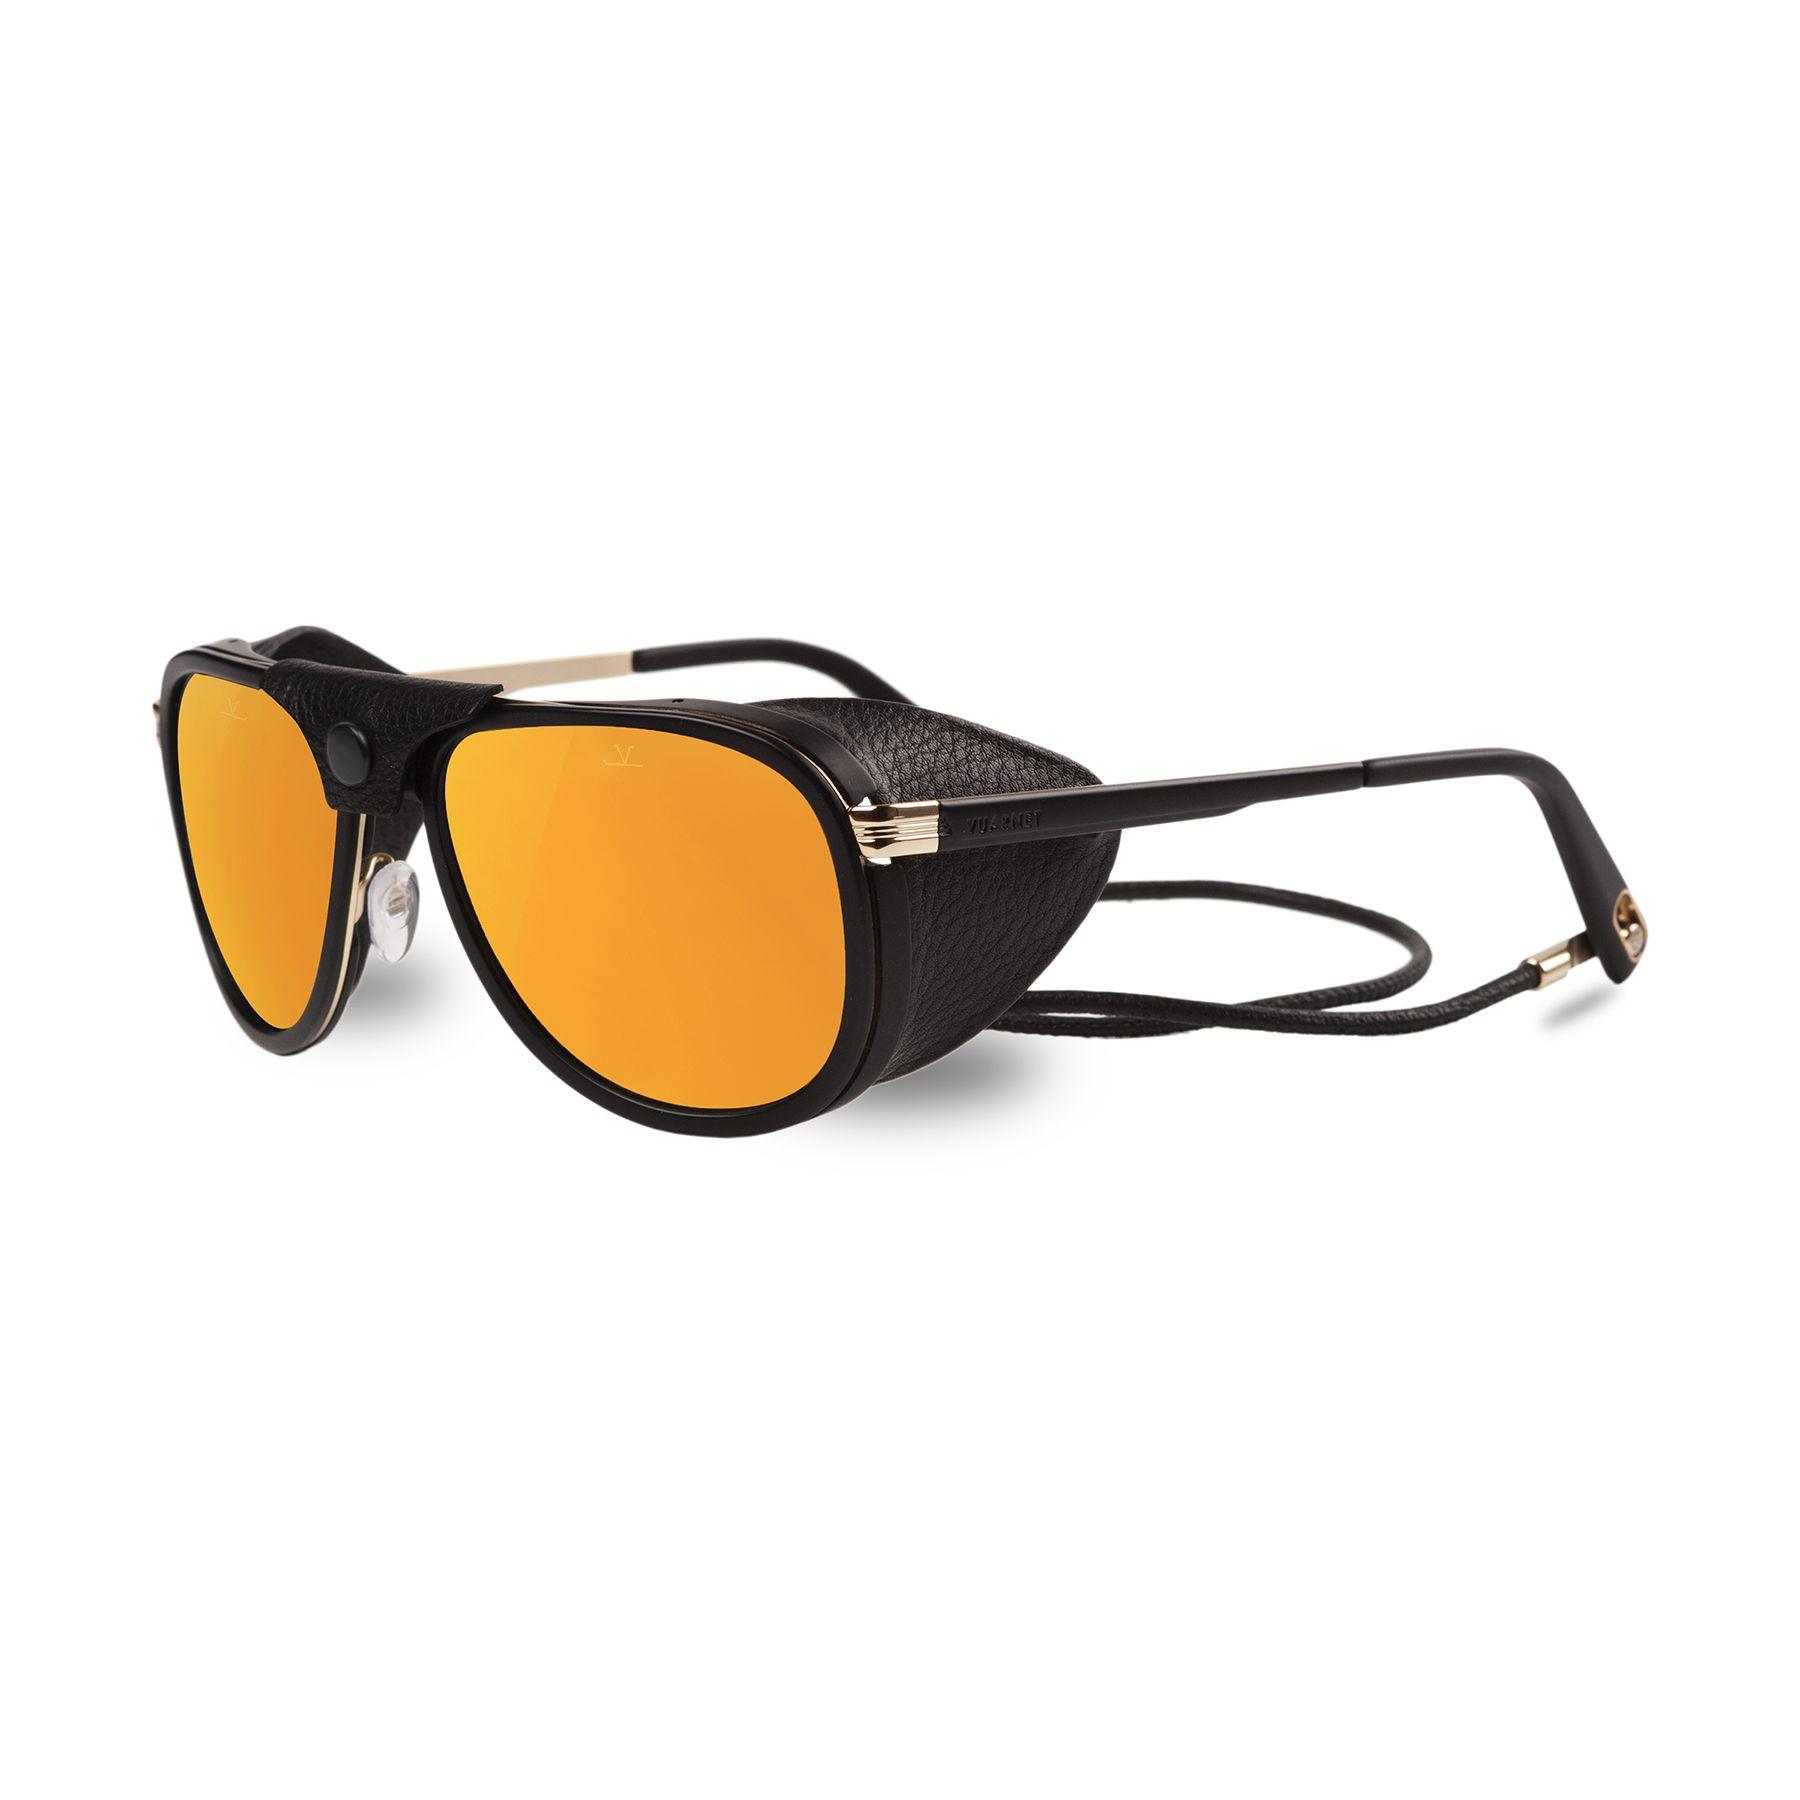 3af766c1833f1 Vuarnet spécialiste des lunettes de soleil en verres minéraux et  polarisants depuis 1957 – Made in France.